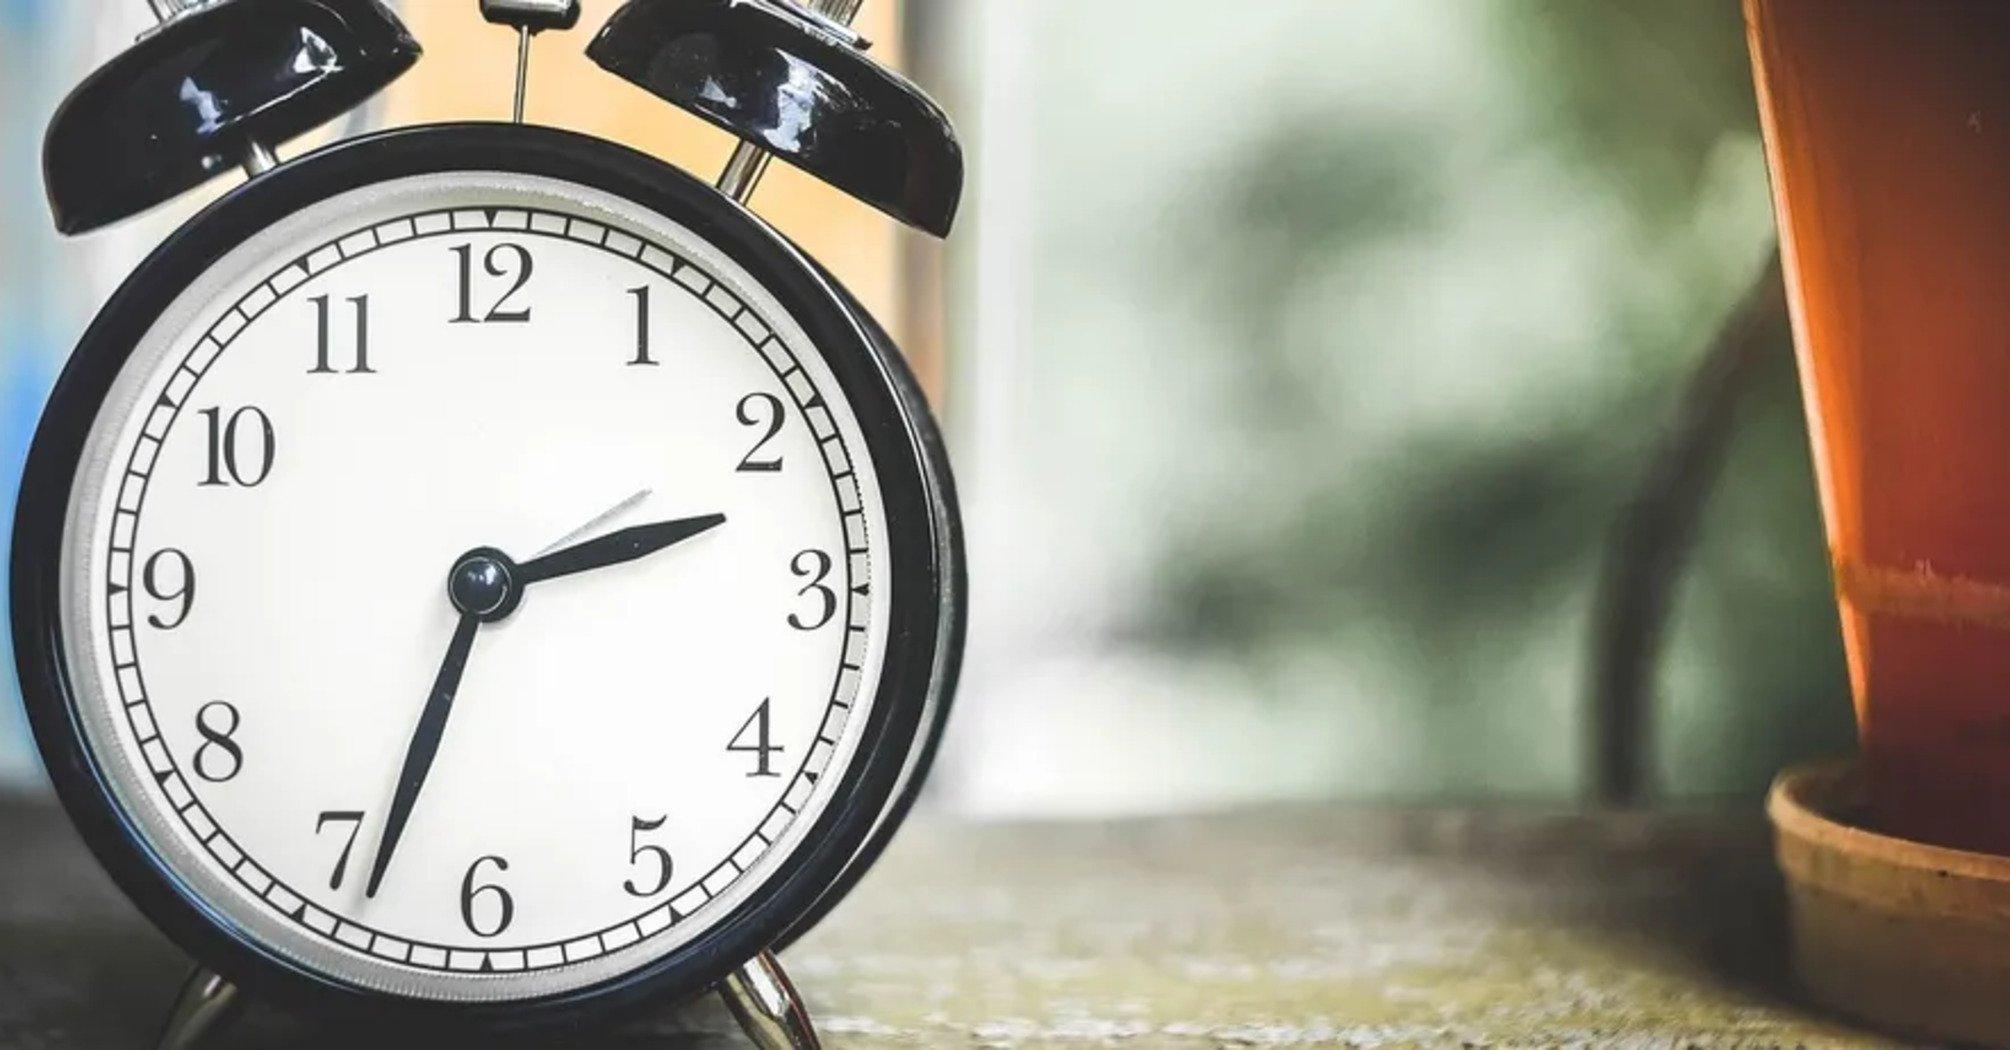 В Украине отменят перевод часов: врач пояснил, зачем это нужно